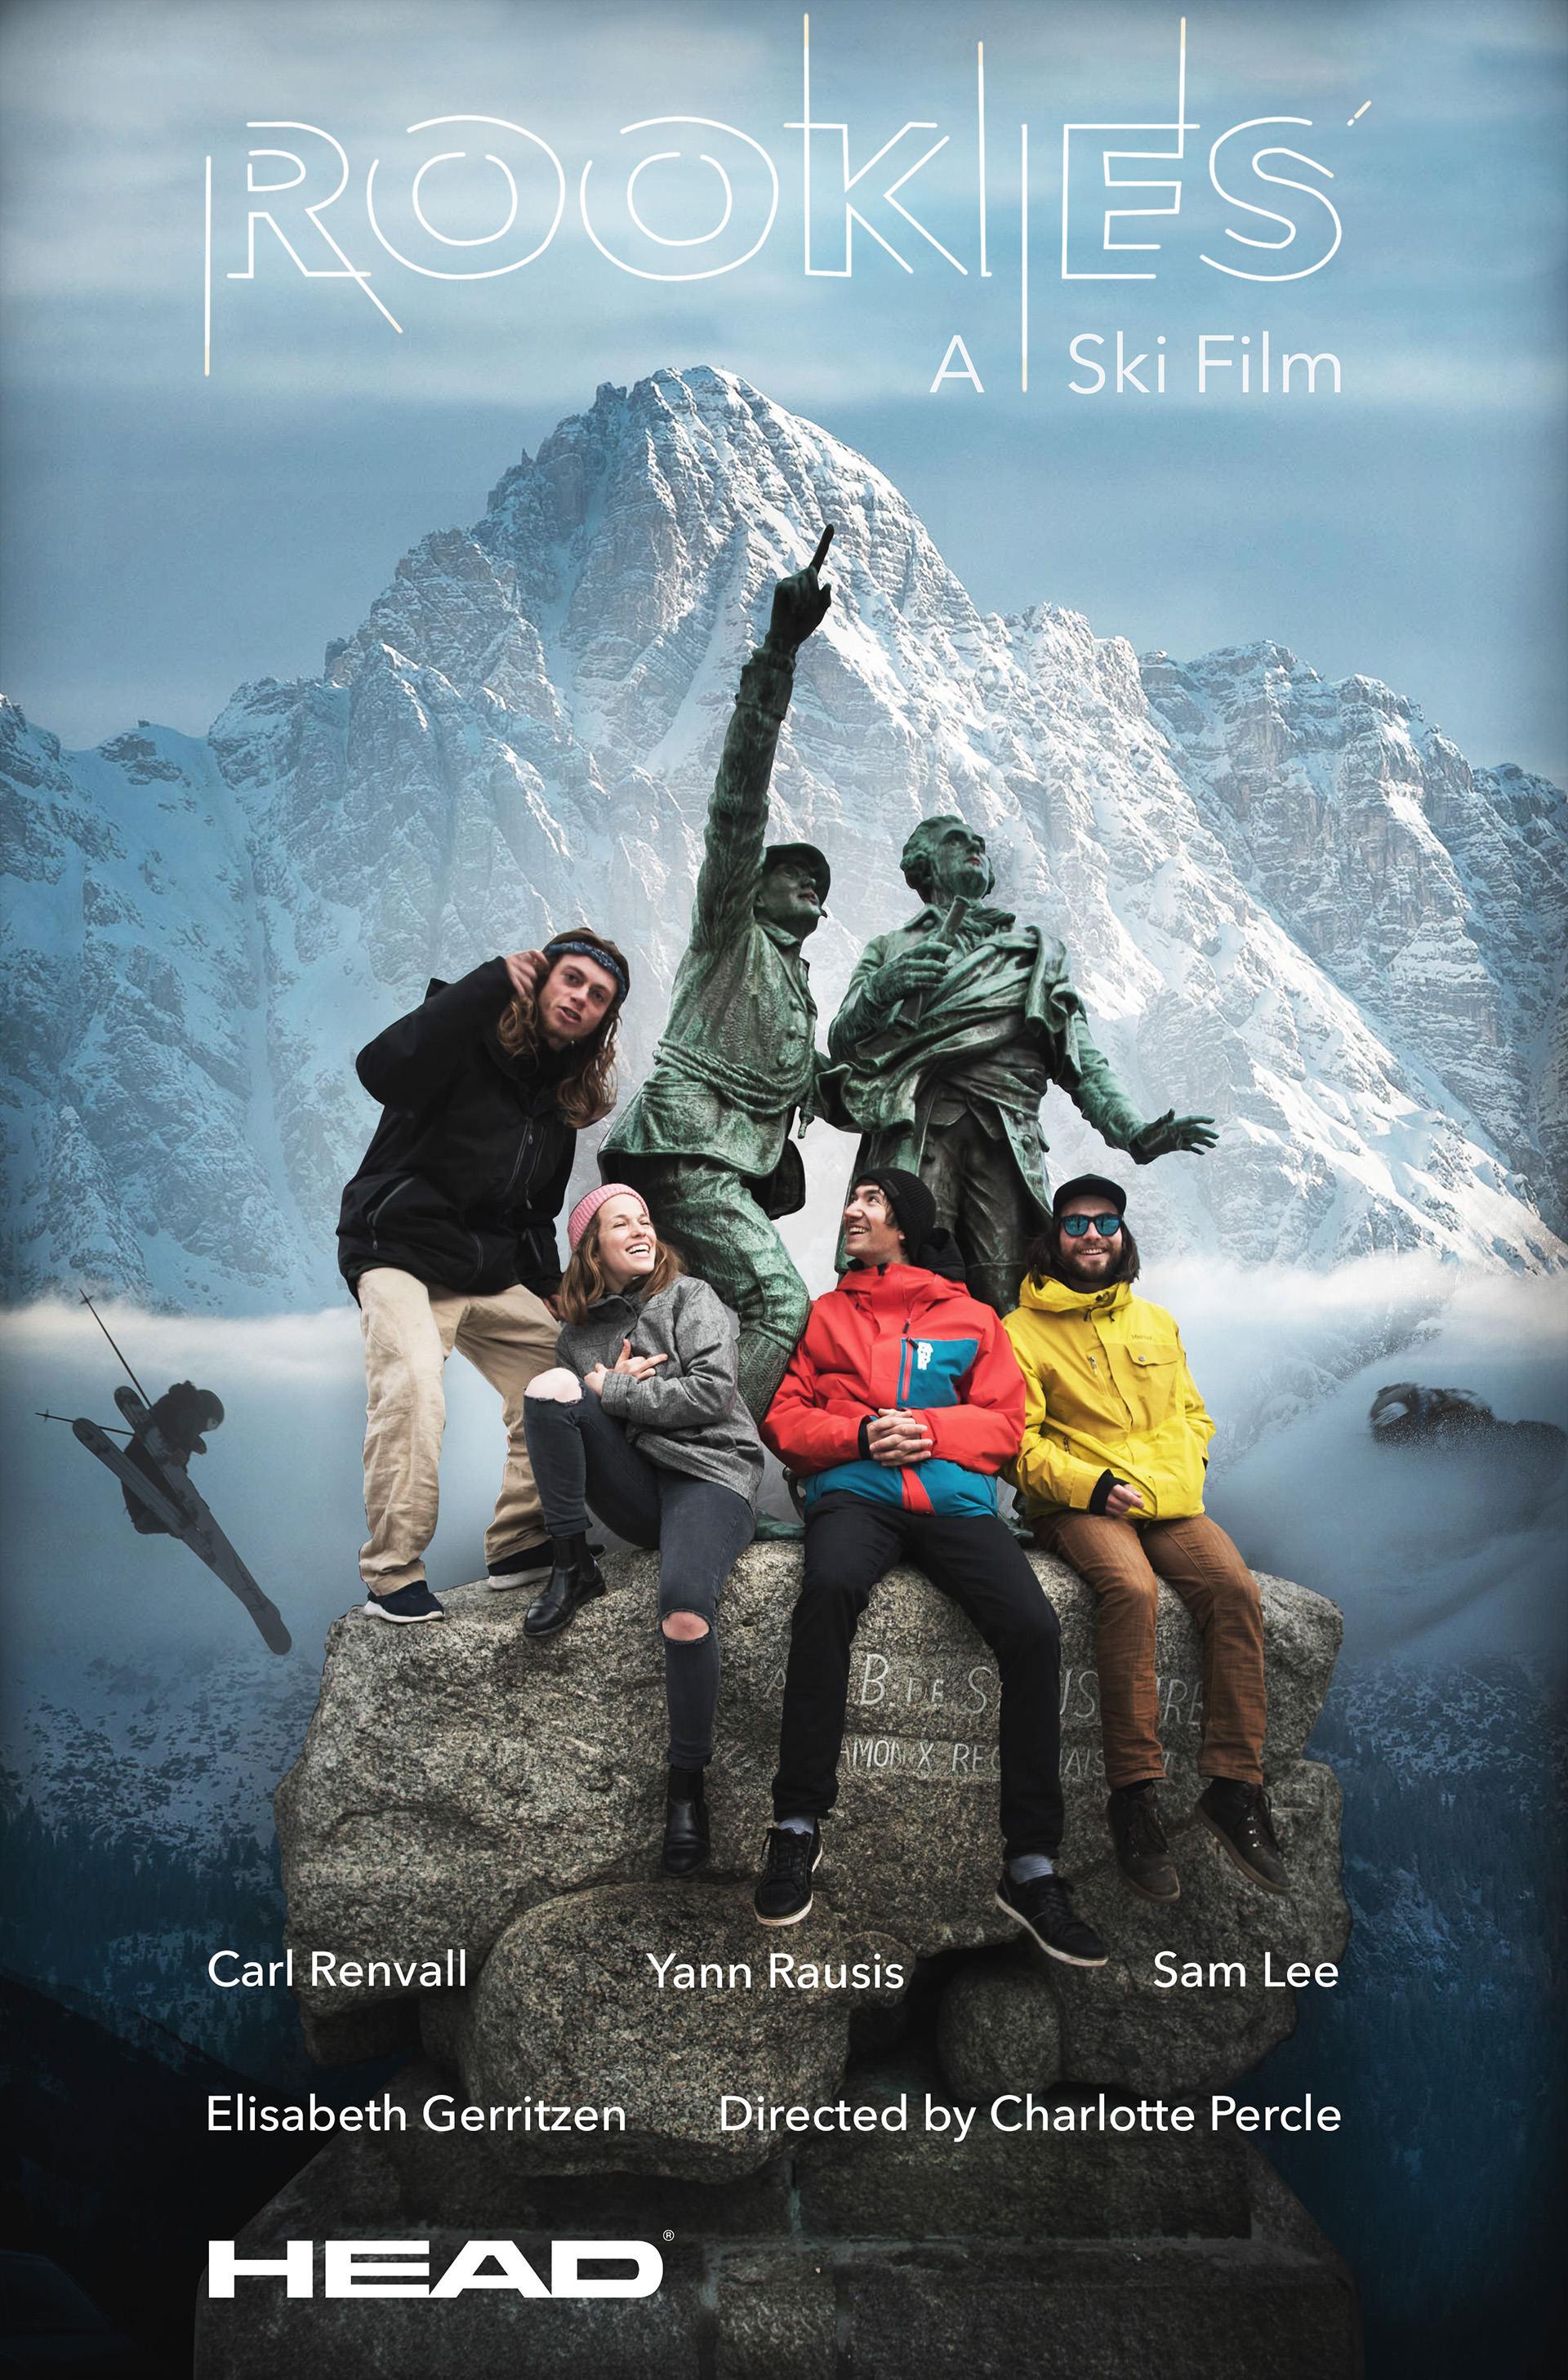 ski film poster